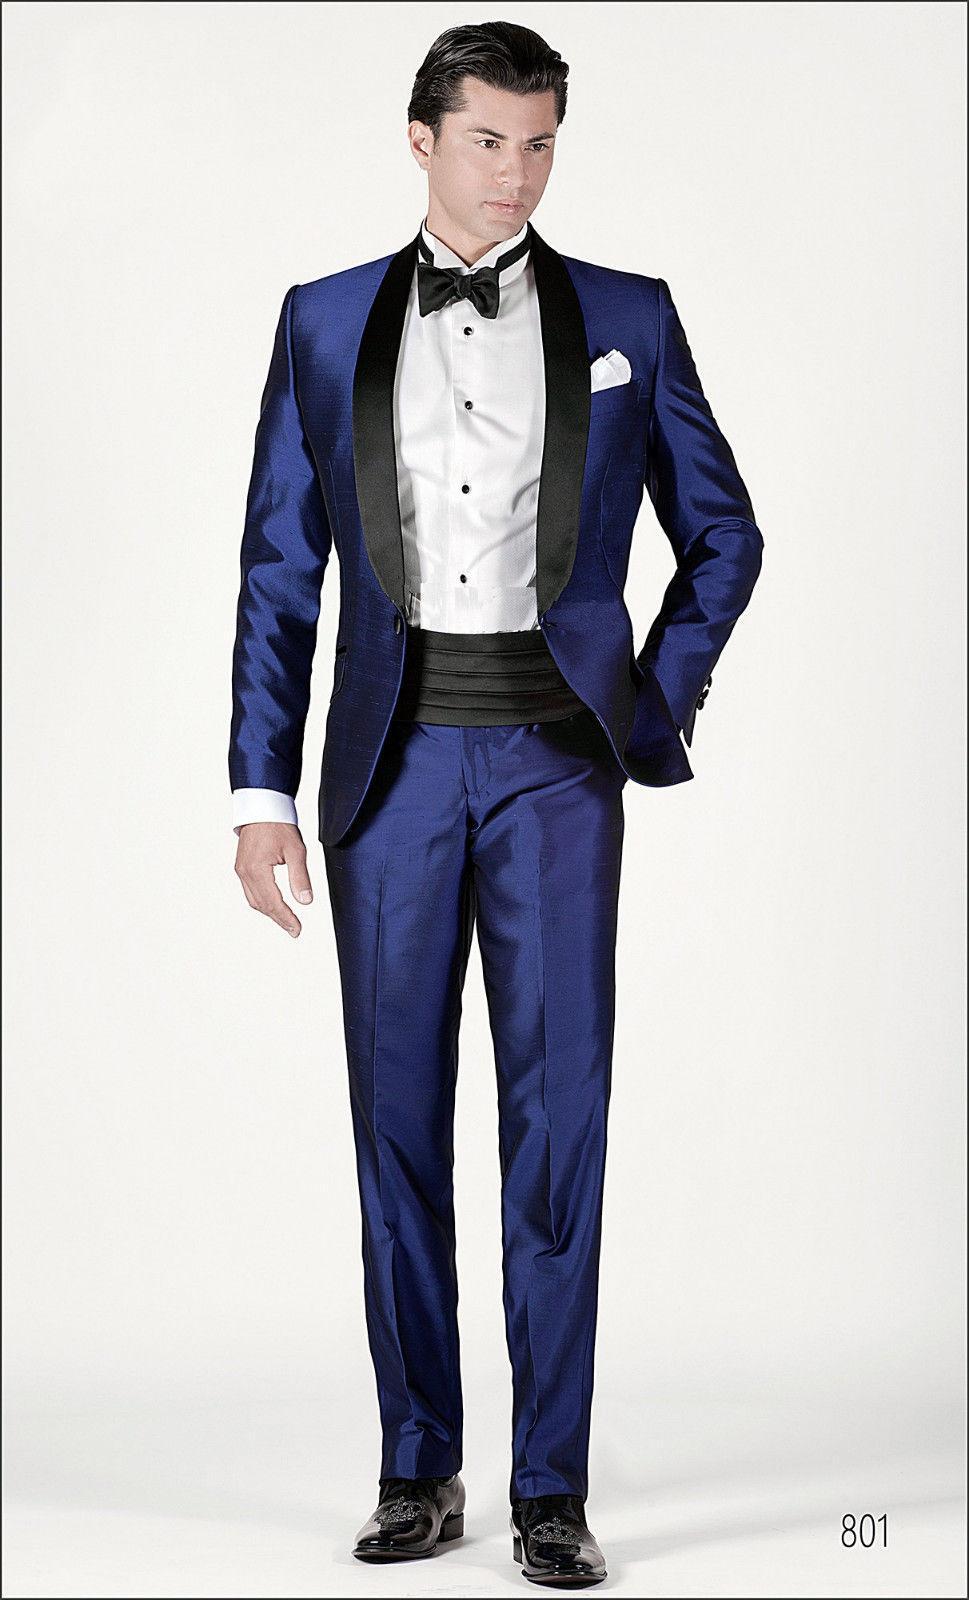 Hot Sale Prom Wedding Suit Tuxedo Shiny Blue Custom Made Suit